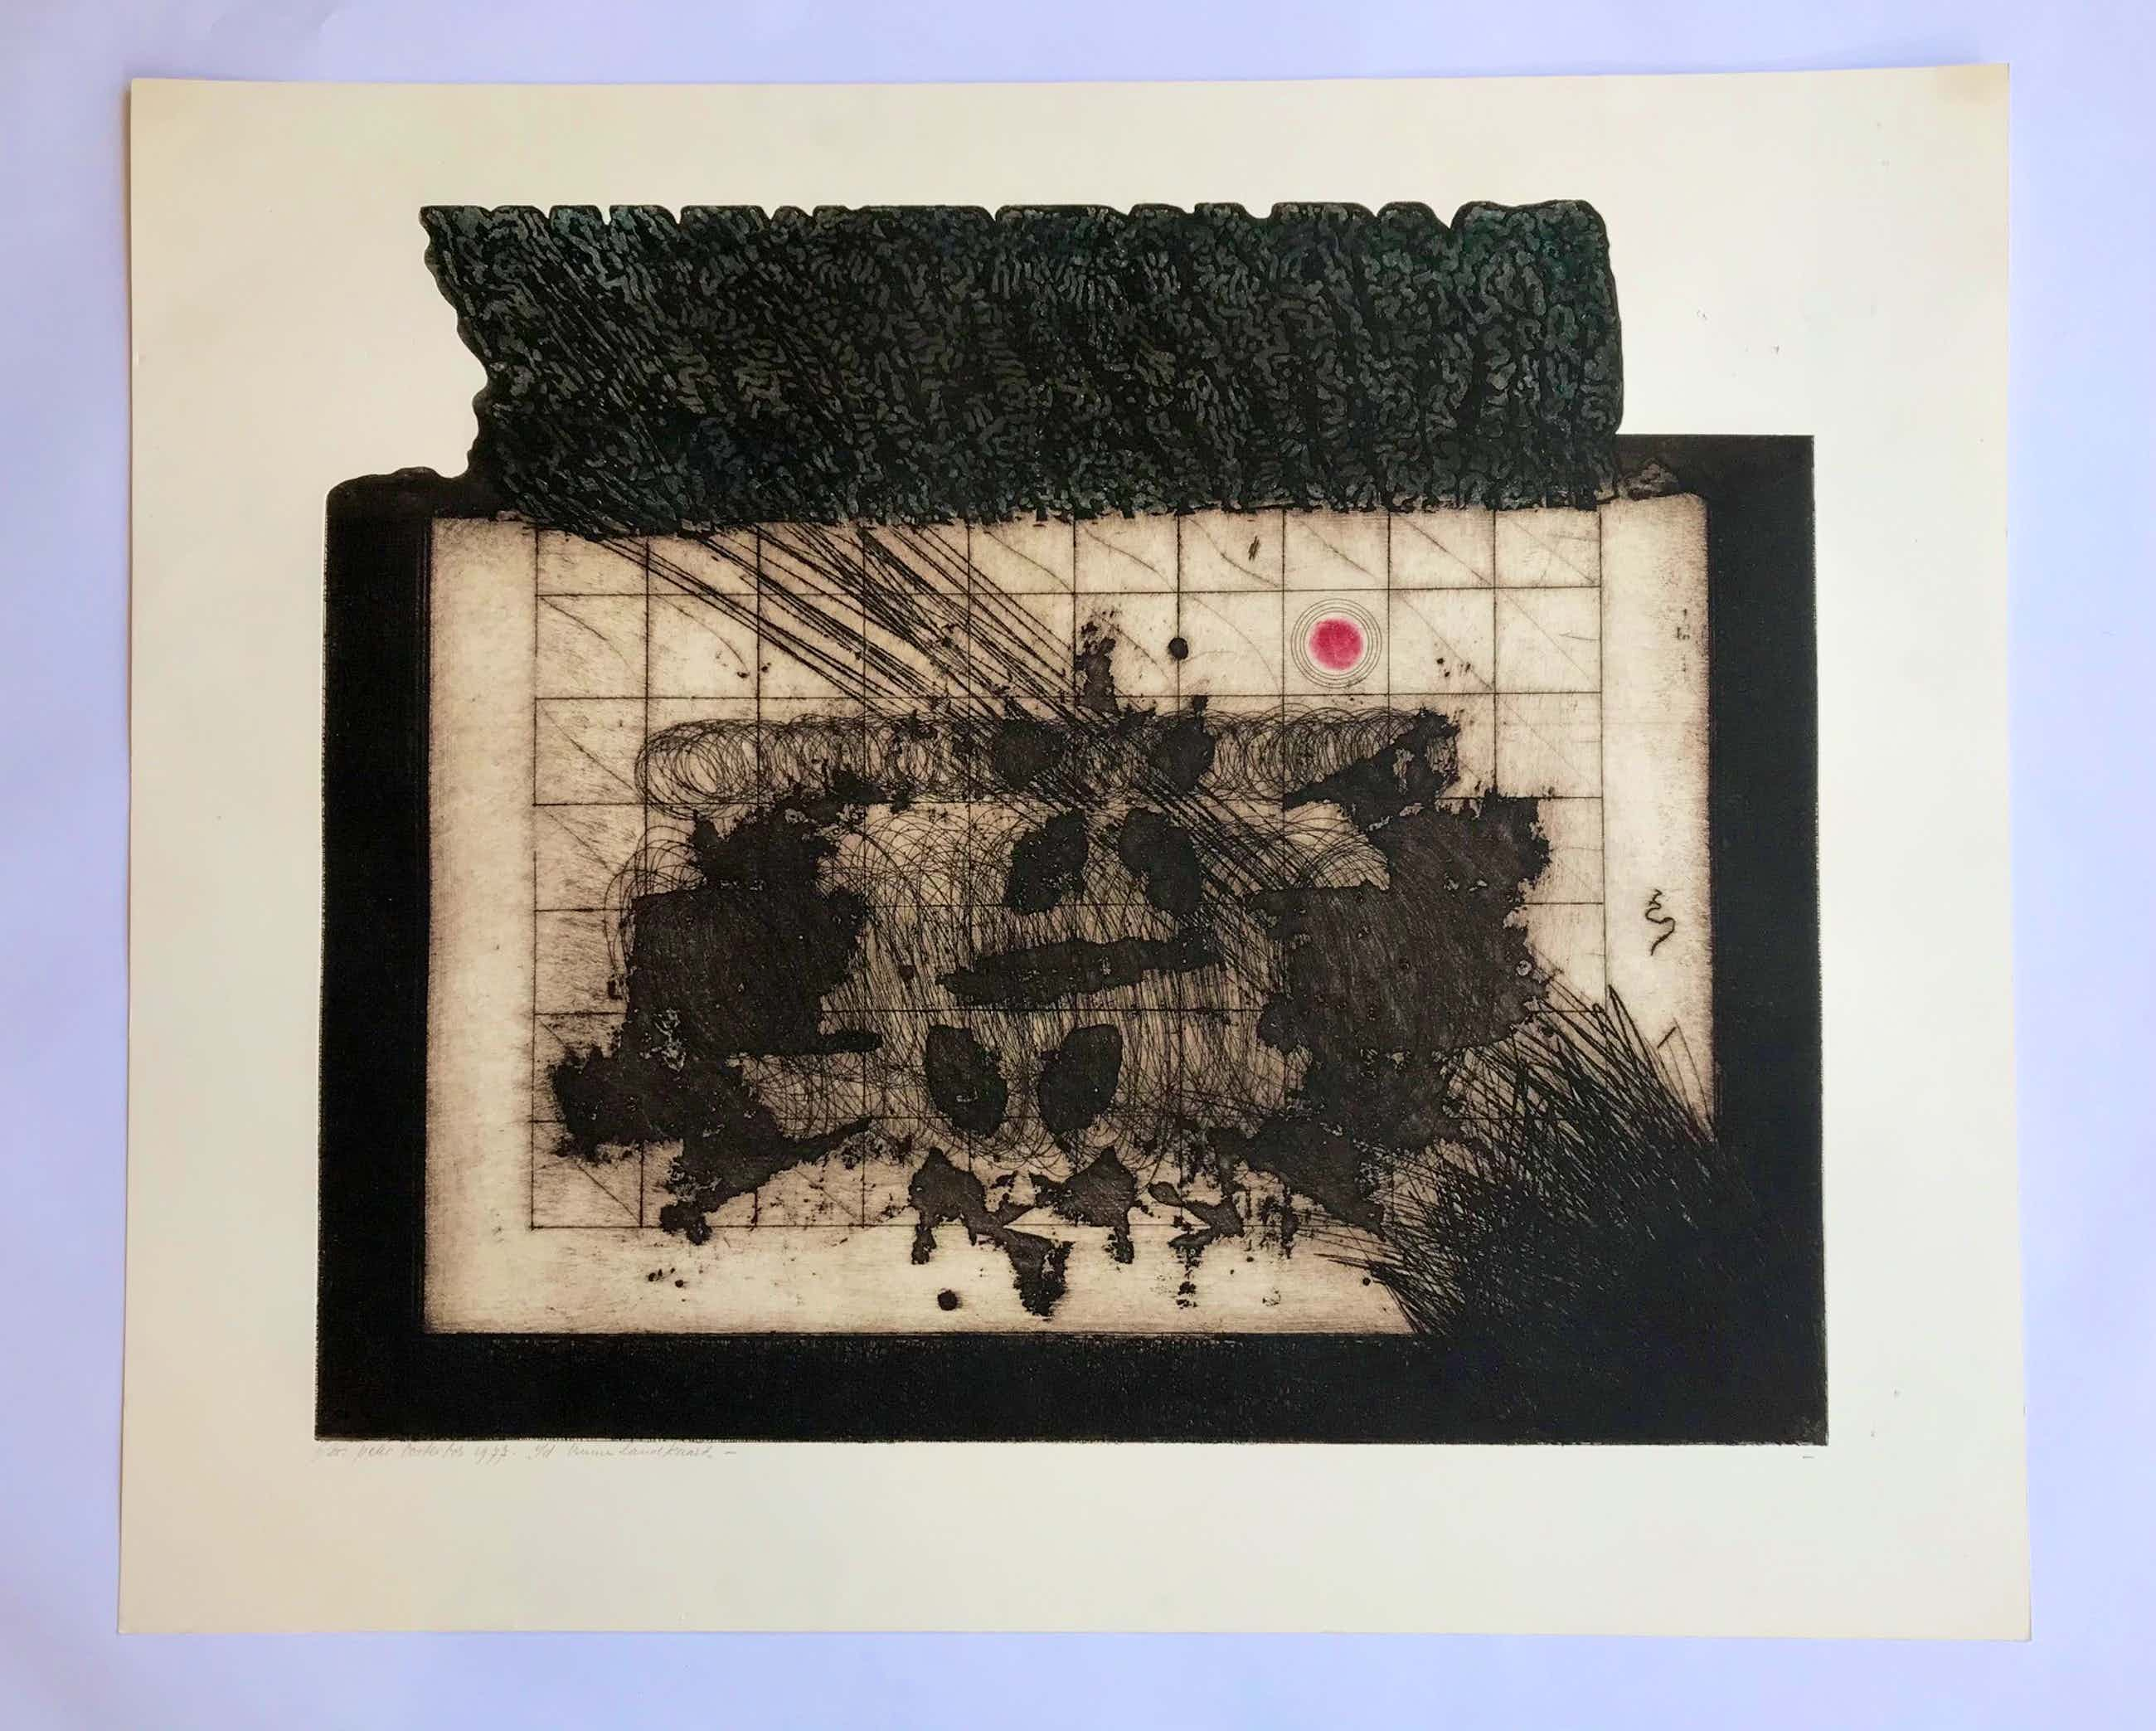 Peter Oosterbos - v/d bruine landkaart - oplage 6/25 - handgesigneerd - 1977 kopen? Bied vanaf 42!